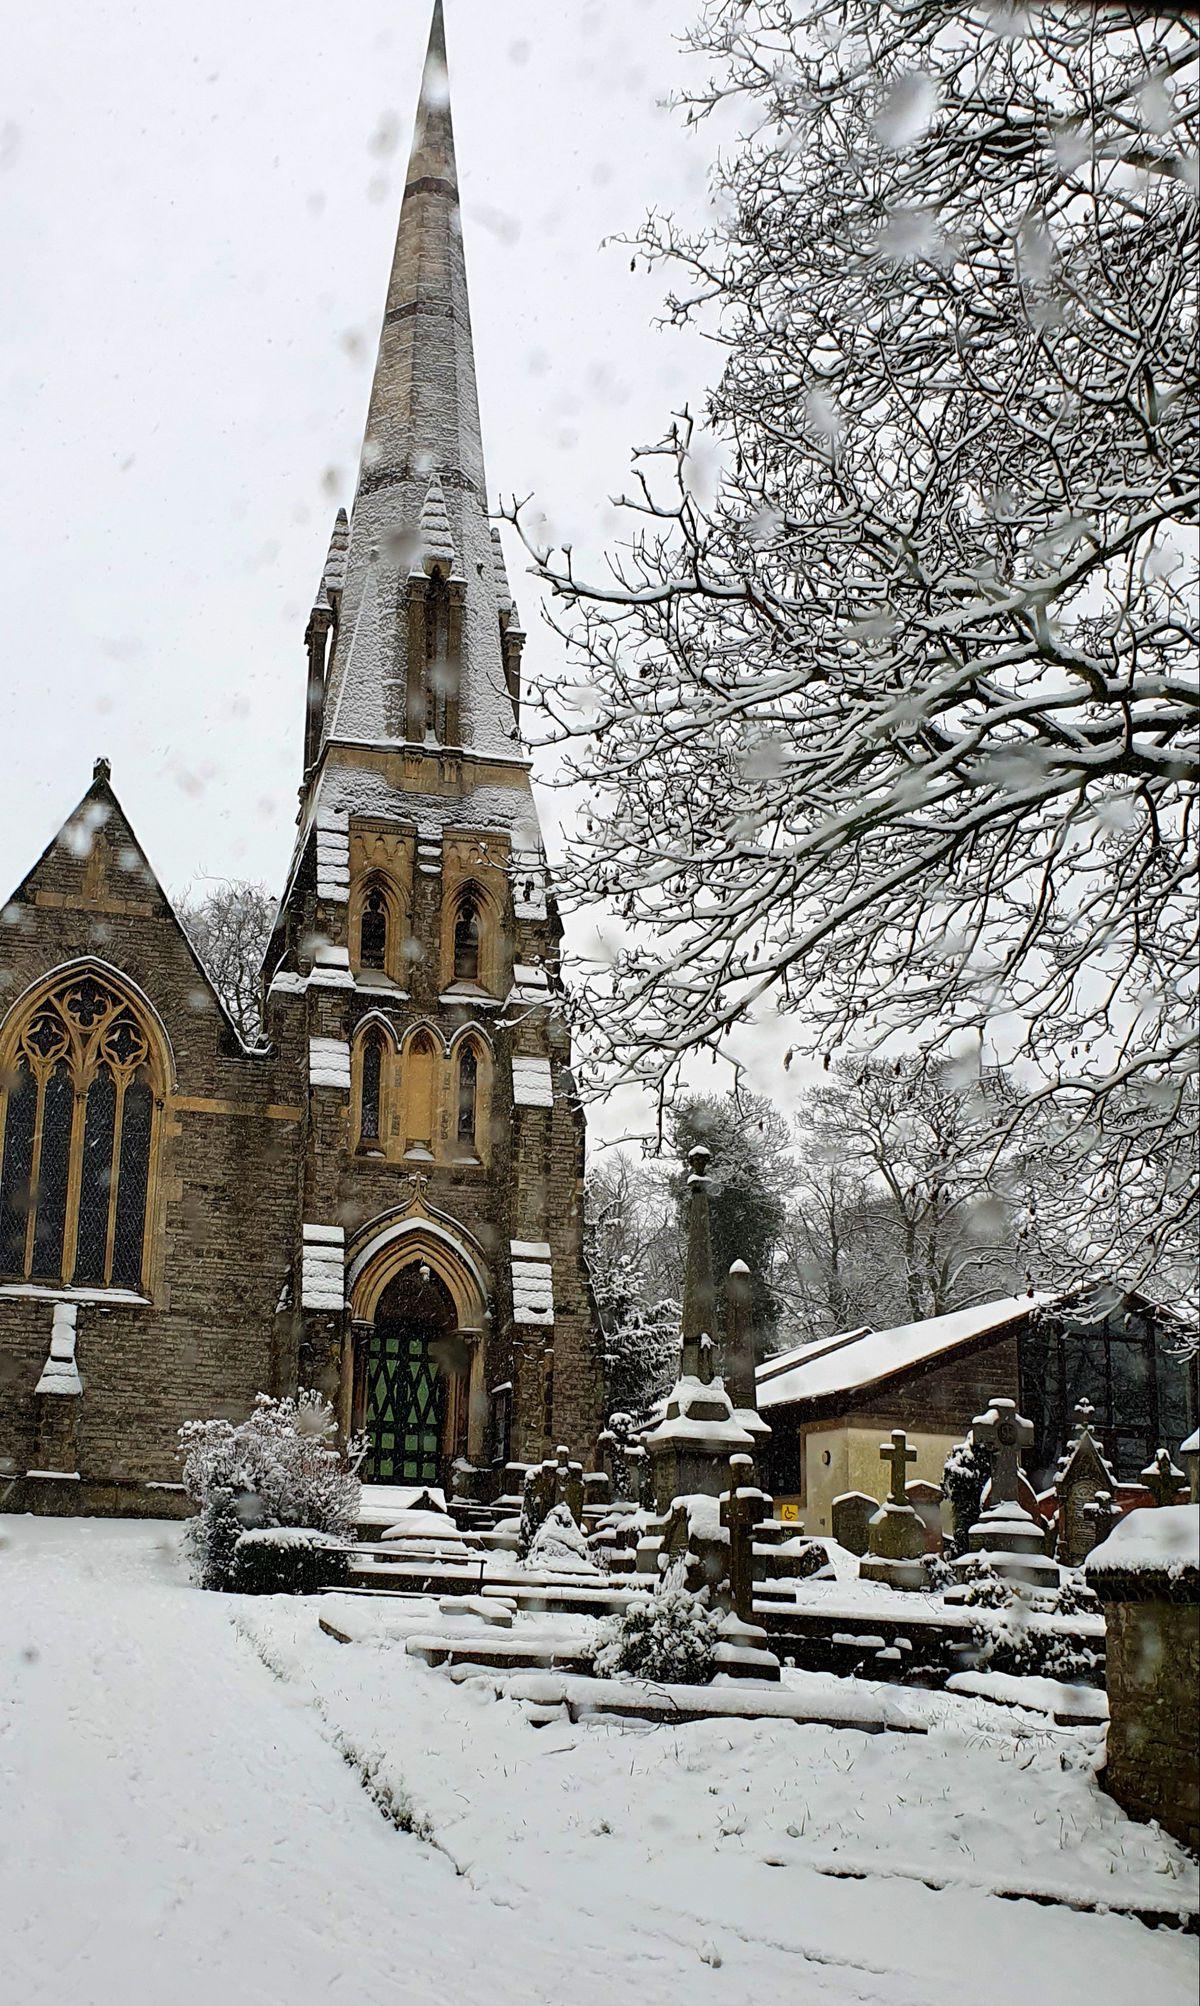 Snow at Saint Michael's Church, Walsall. Photo: Neeba Riaz